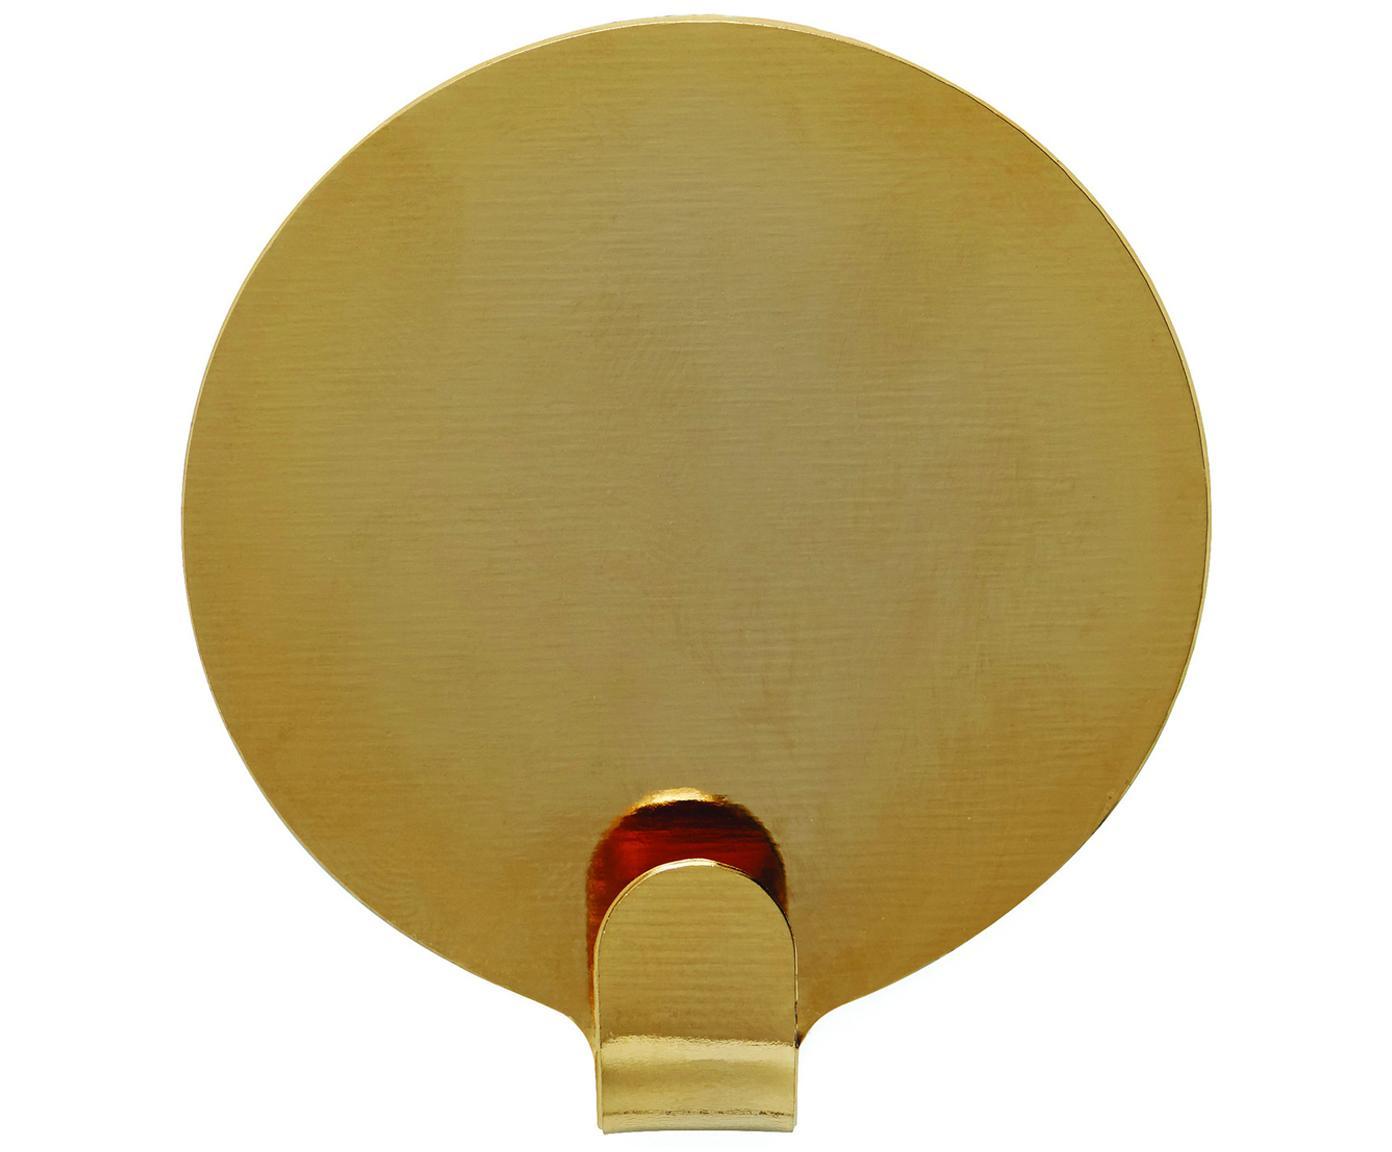 Gancio da parete Ping 2 pz, Metallo verniciato, Color ottone, Ø 5 x Prof. 1 cm